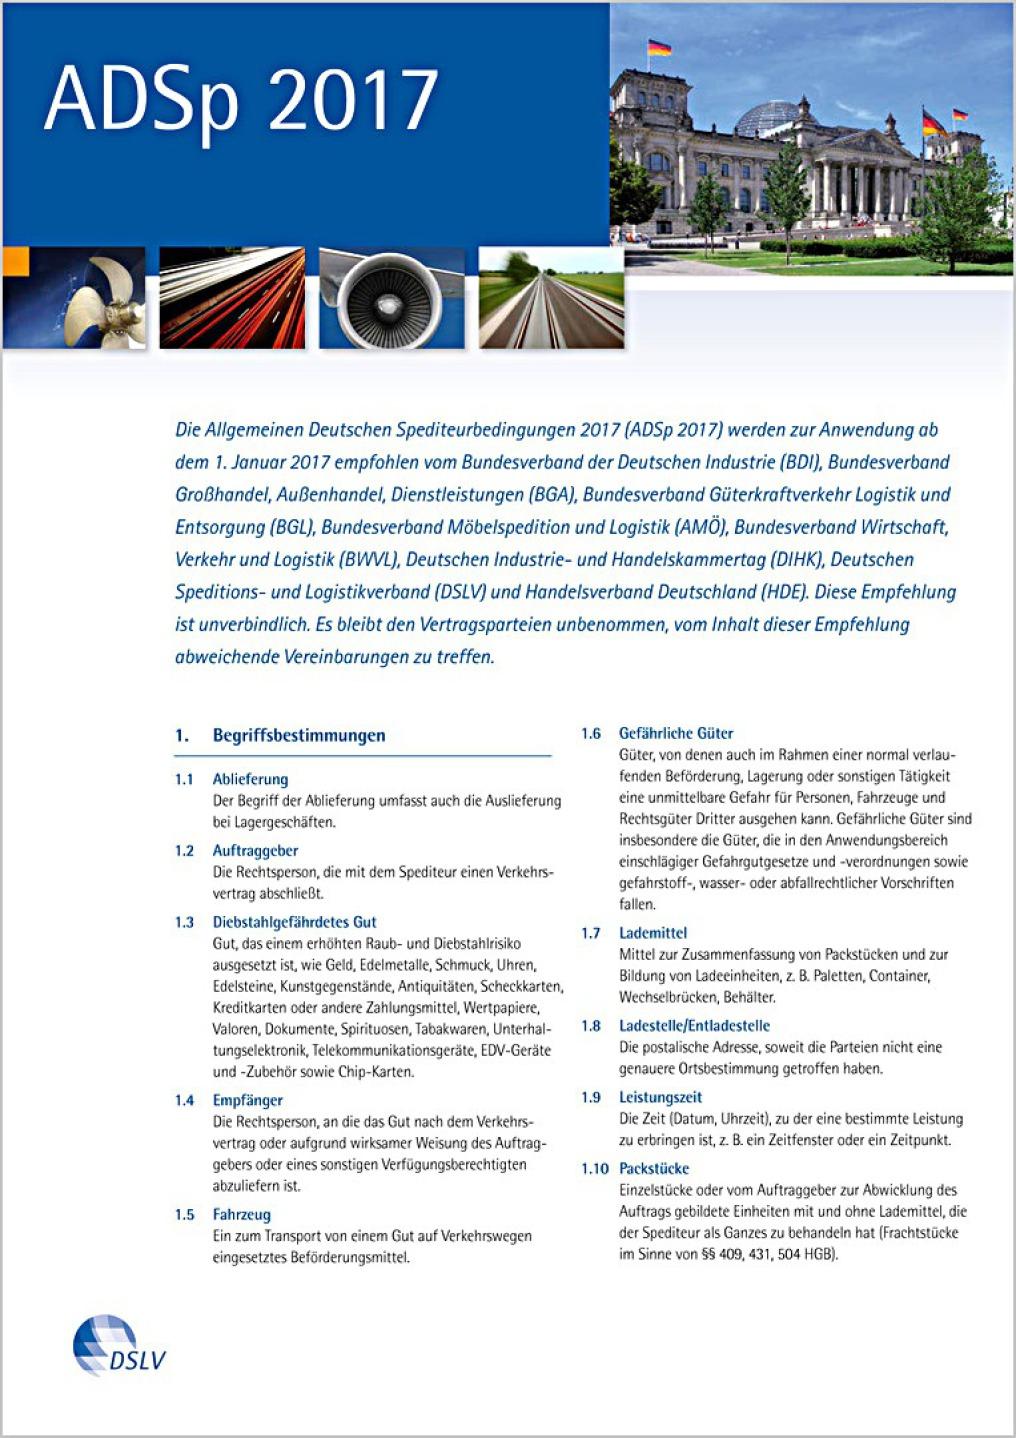 Man sieht die Seite 1 der ADSp, der Allgemeinen Deutschen Spediteurbedingungen.